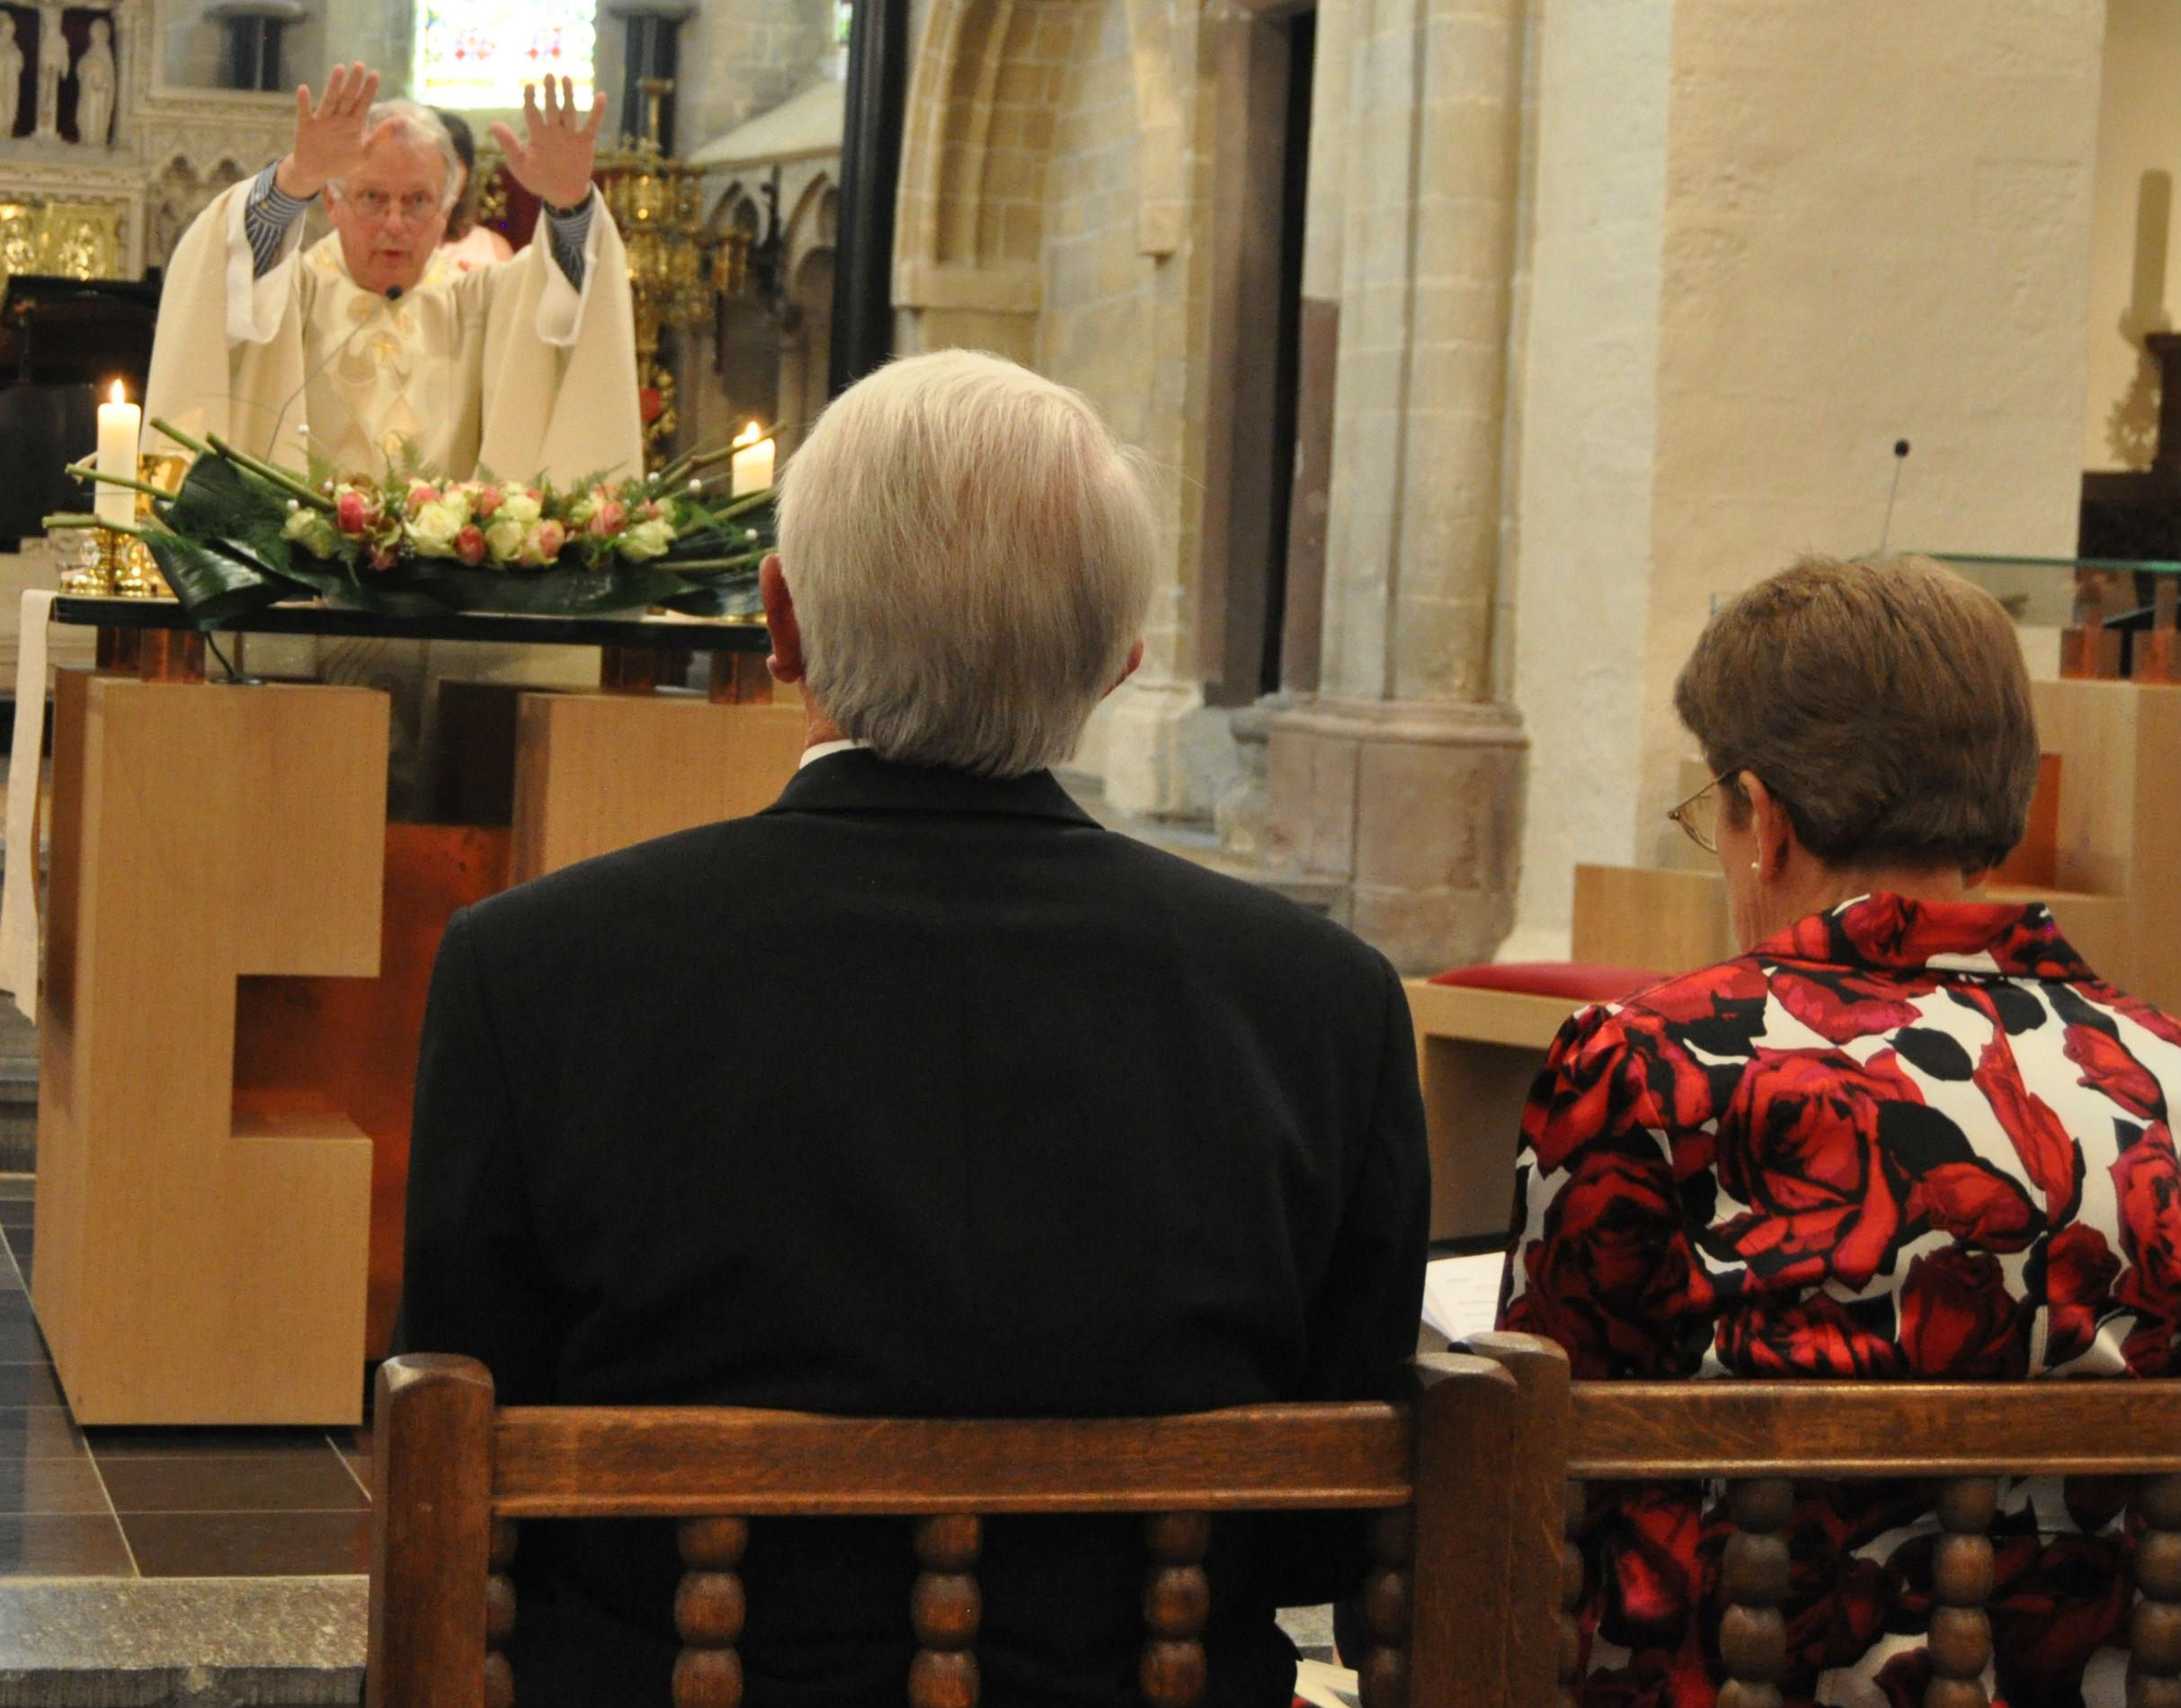 Zegeningsgebed tijdens een gouden huwelijksjubileum © Hilde Pex